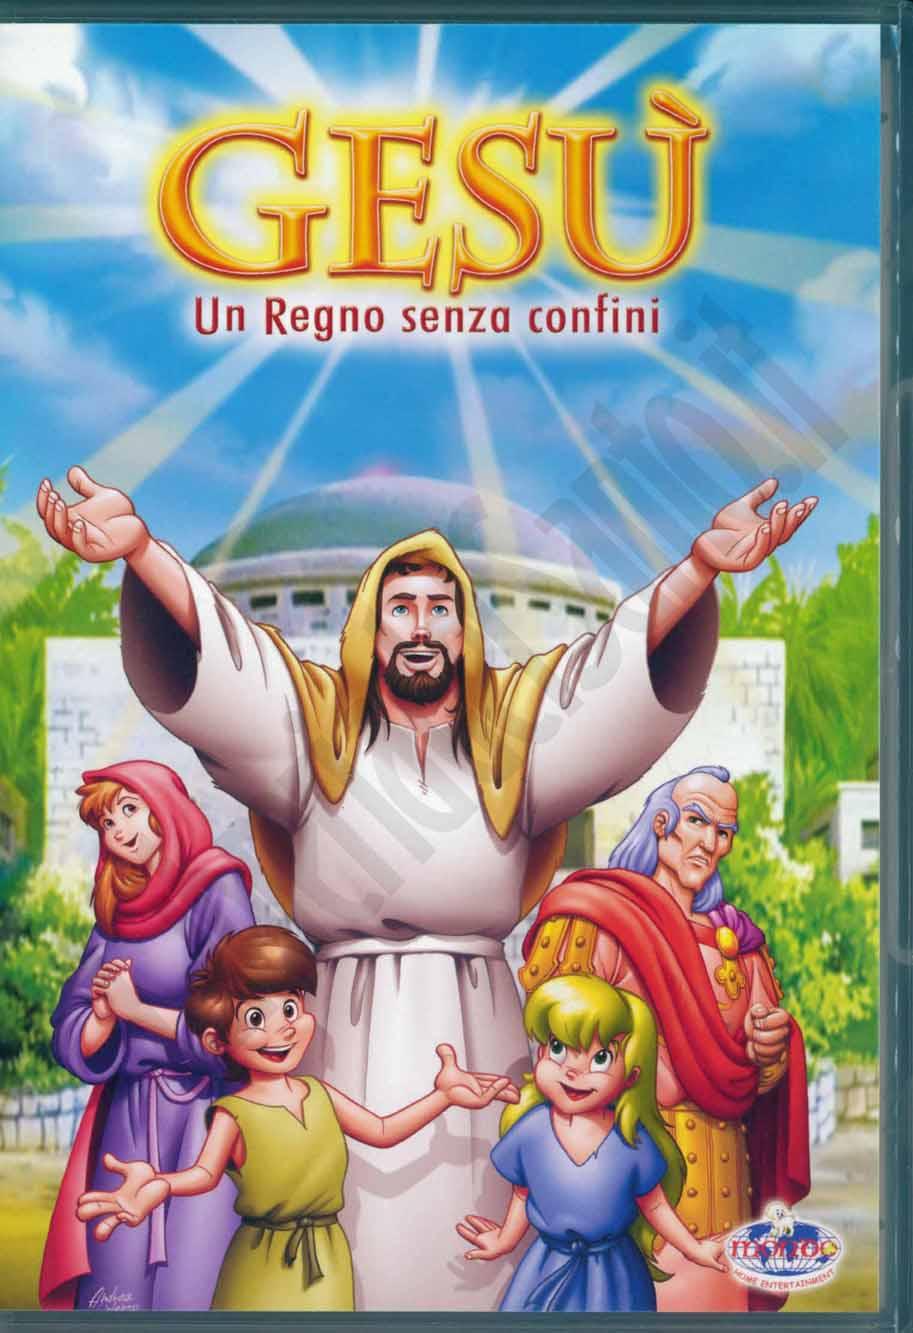 Gesù un regno senza confini dvd jung soo yong film